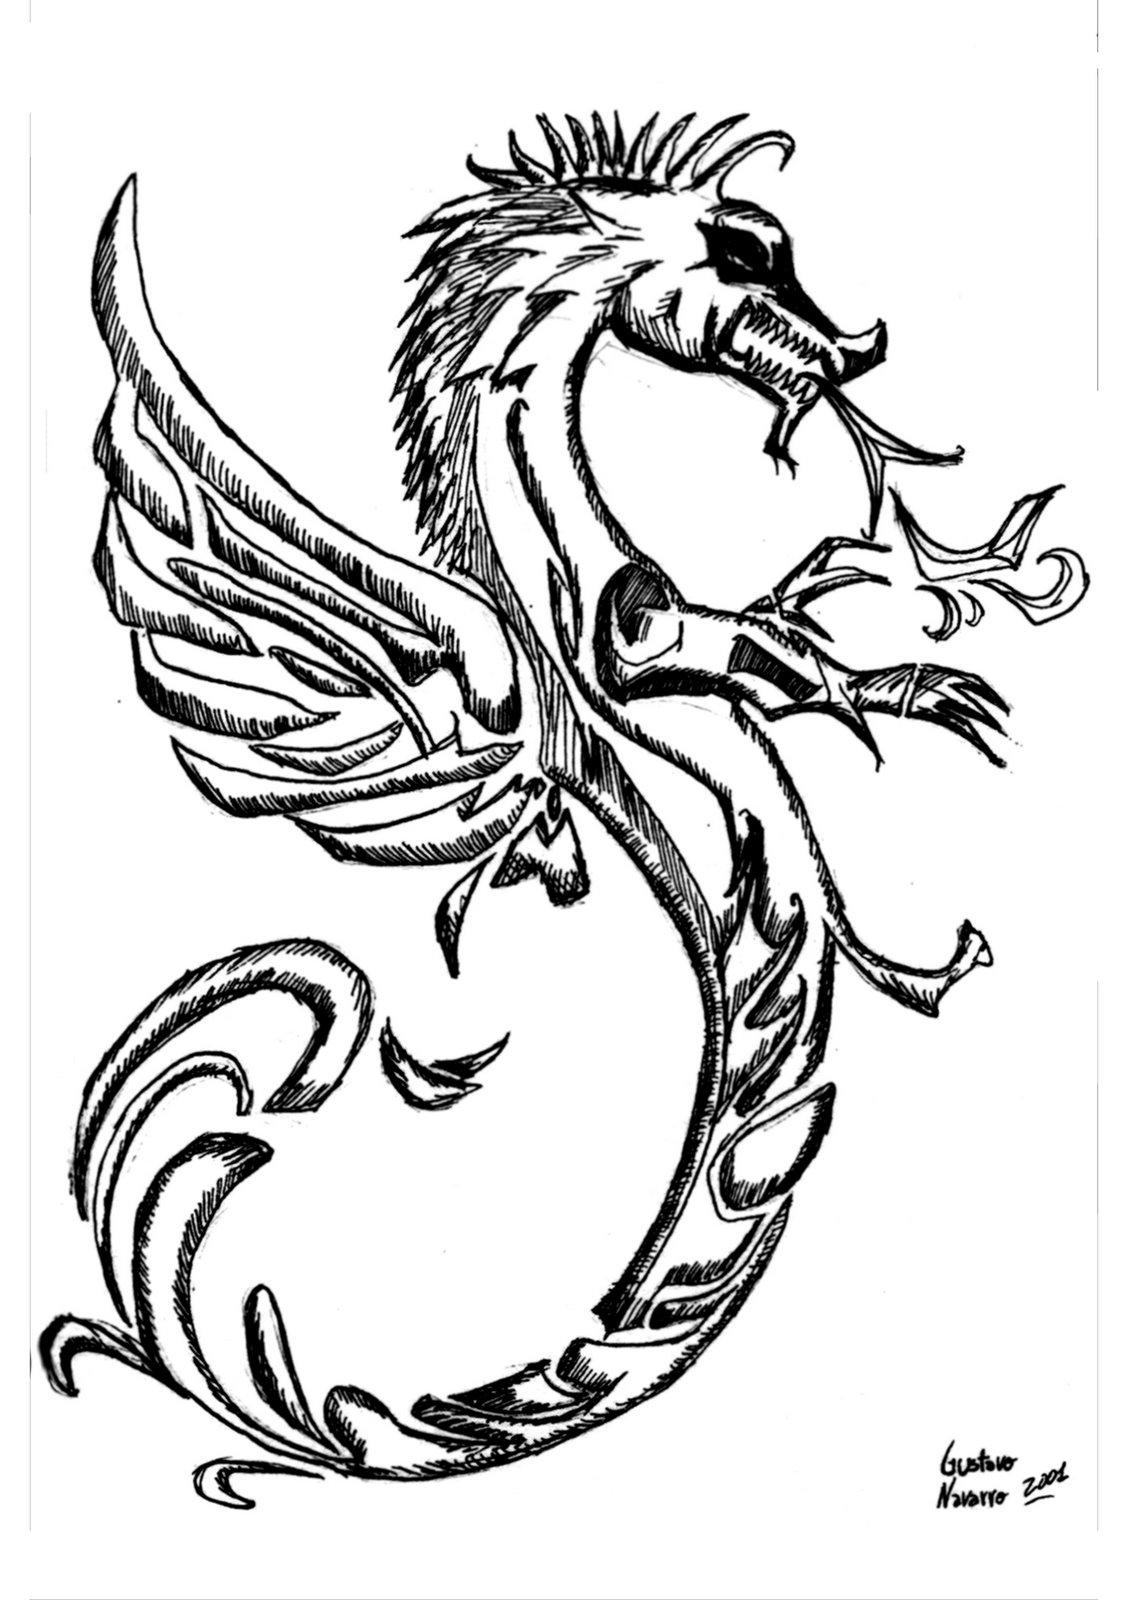 Asombroso Colorear Dragones Duros Galería - Enmarcado Para Colorear ...